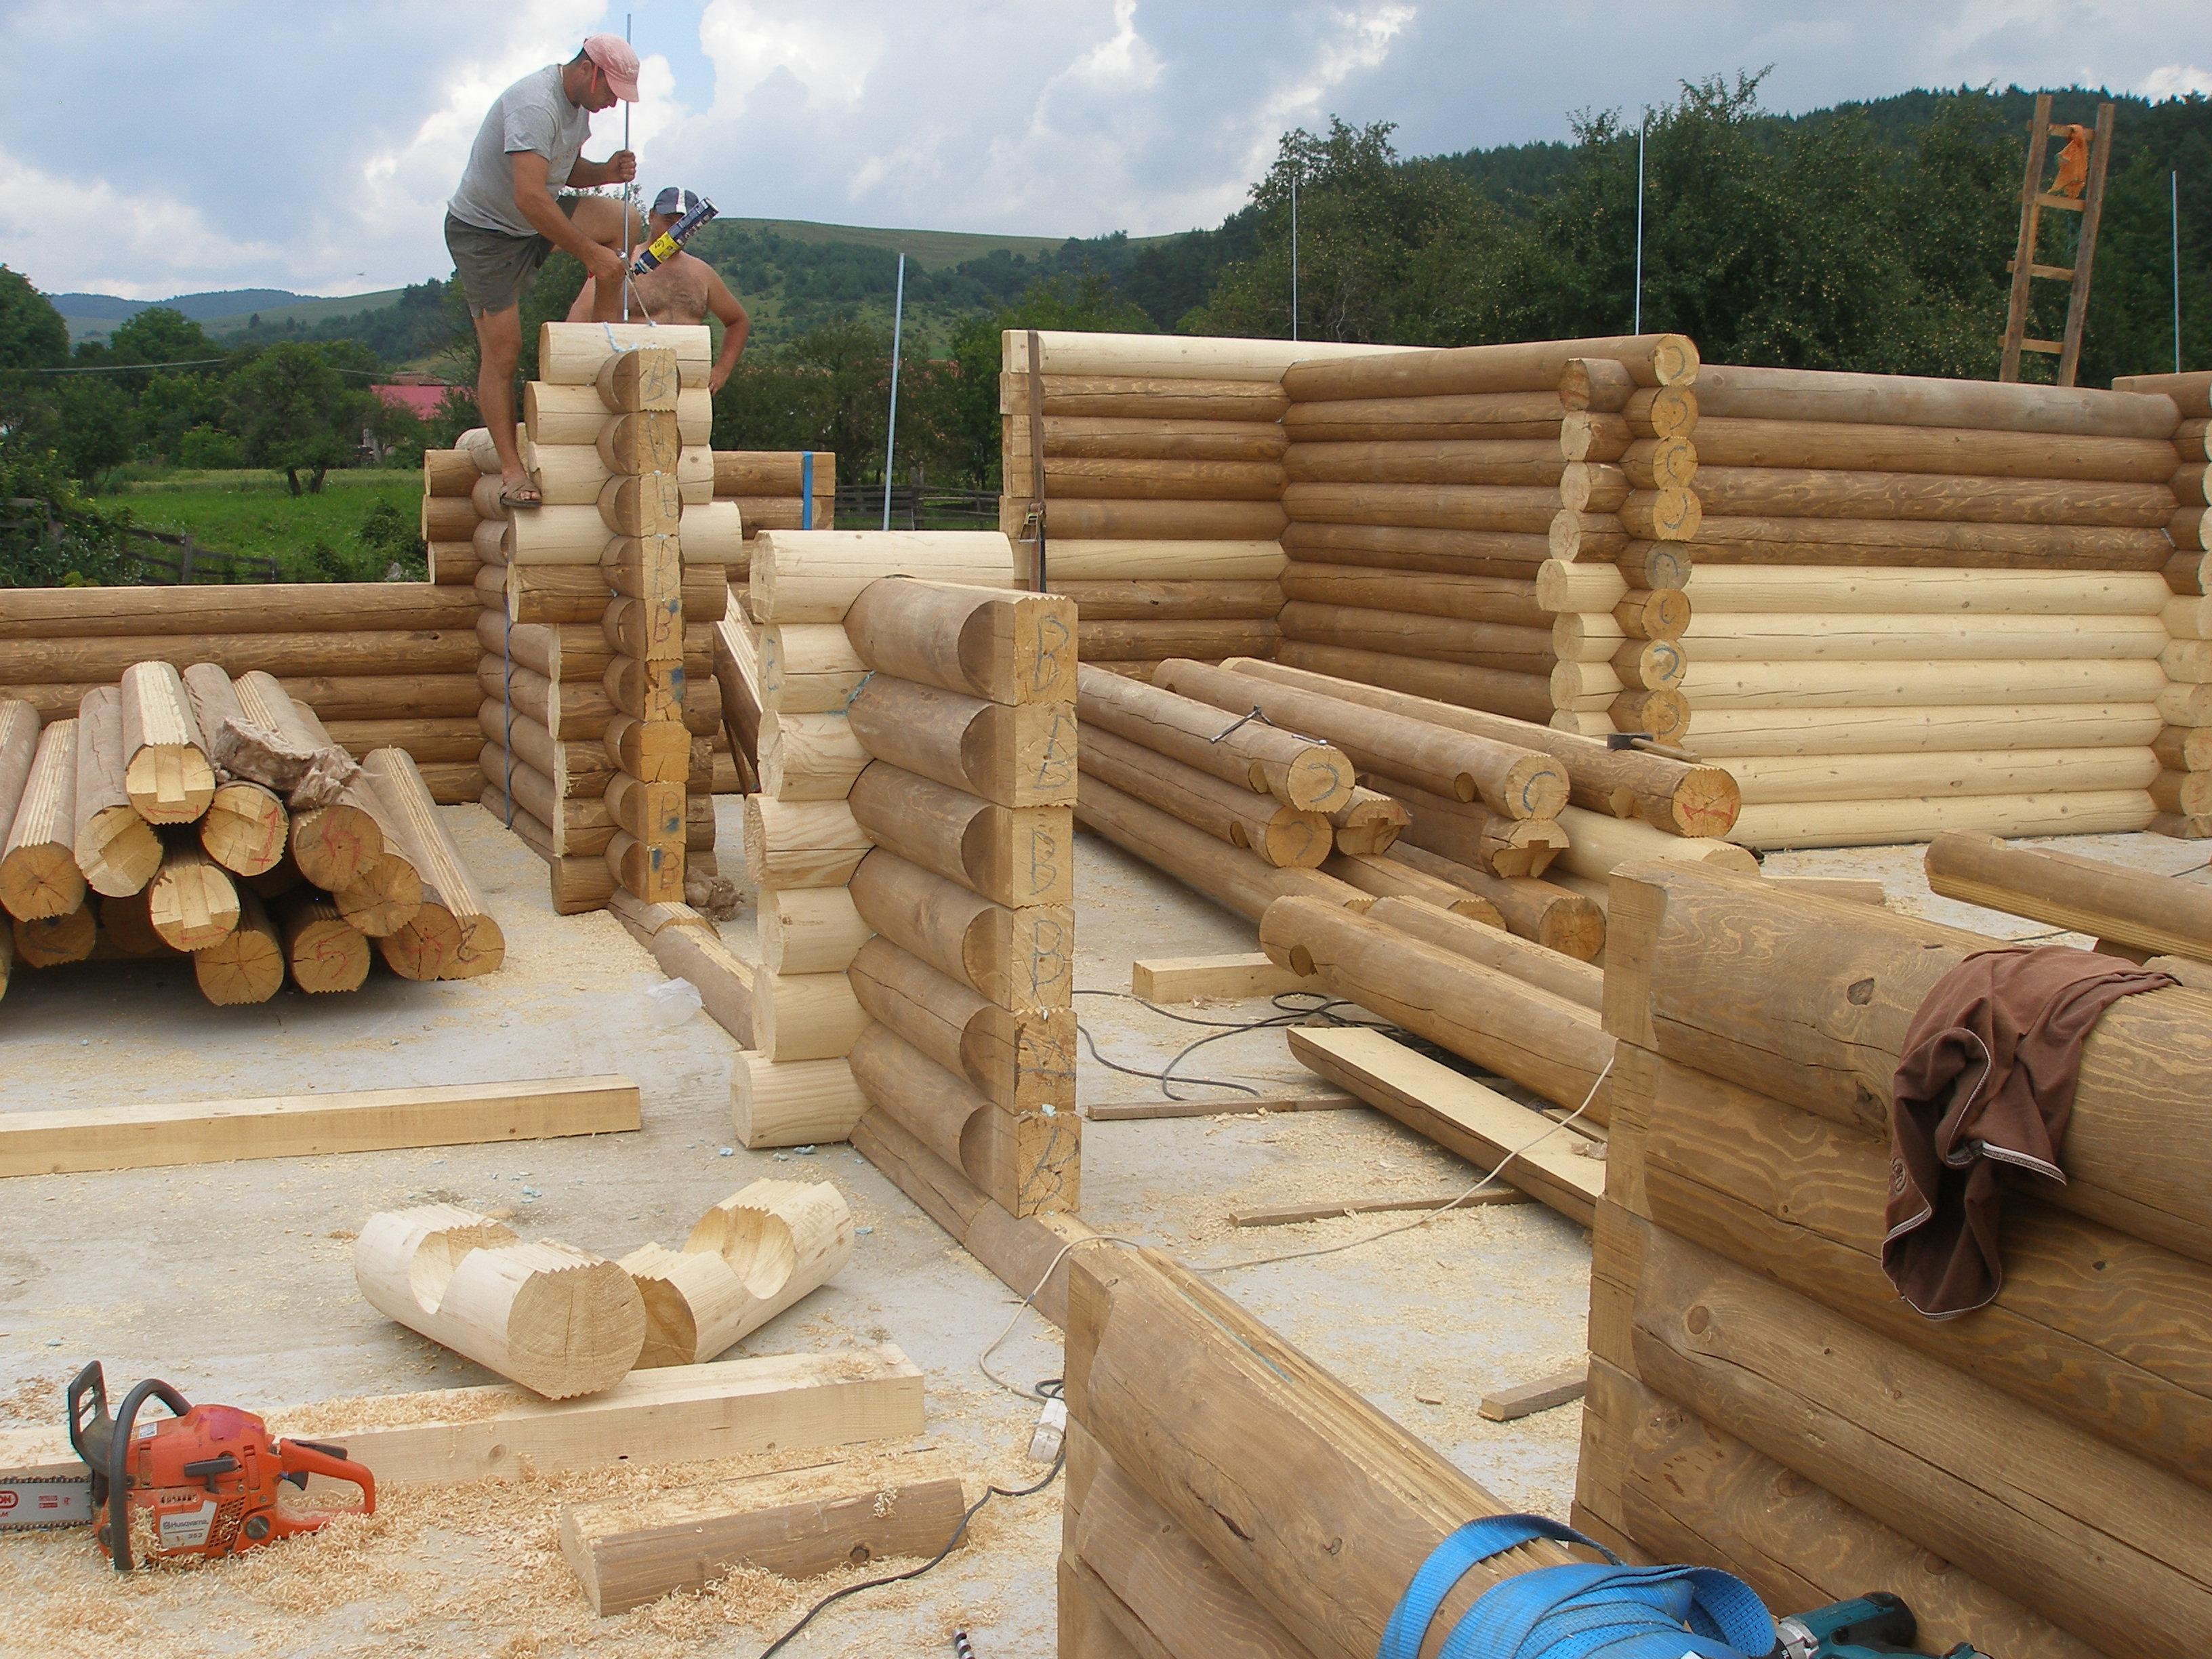 Casa di tronchi canadese molid for Piccole planimetrie di casa di tronchi